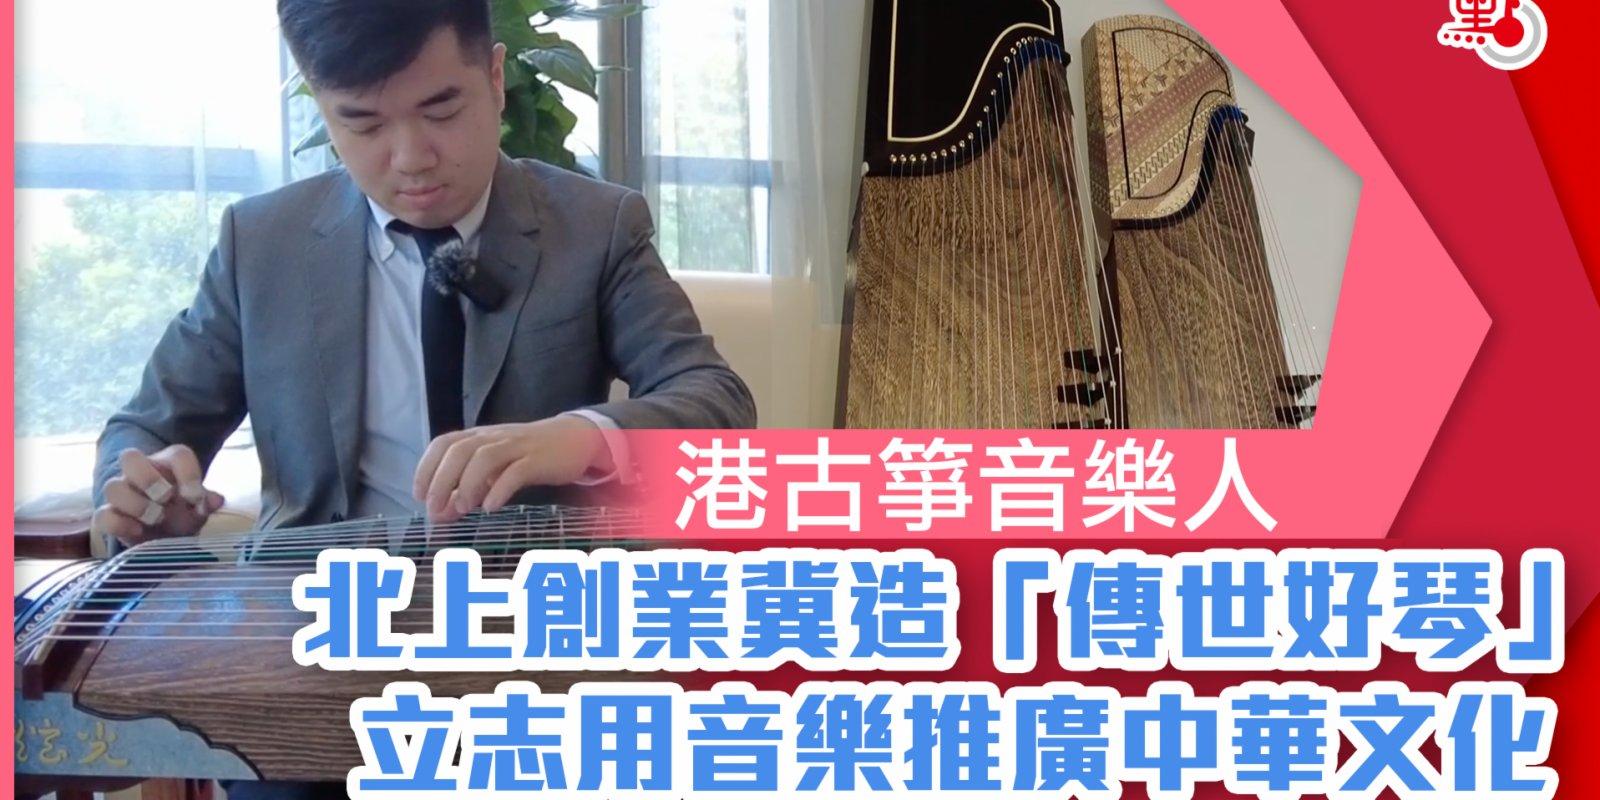 港古箏音樂人北上創業冀造「傳世好琴」 立志用音樂推廣中華文化